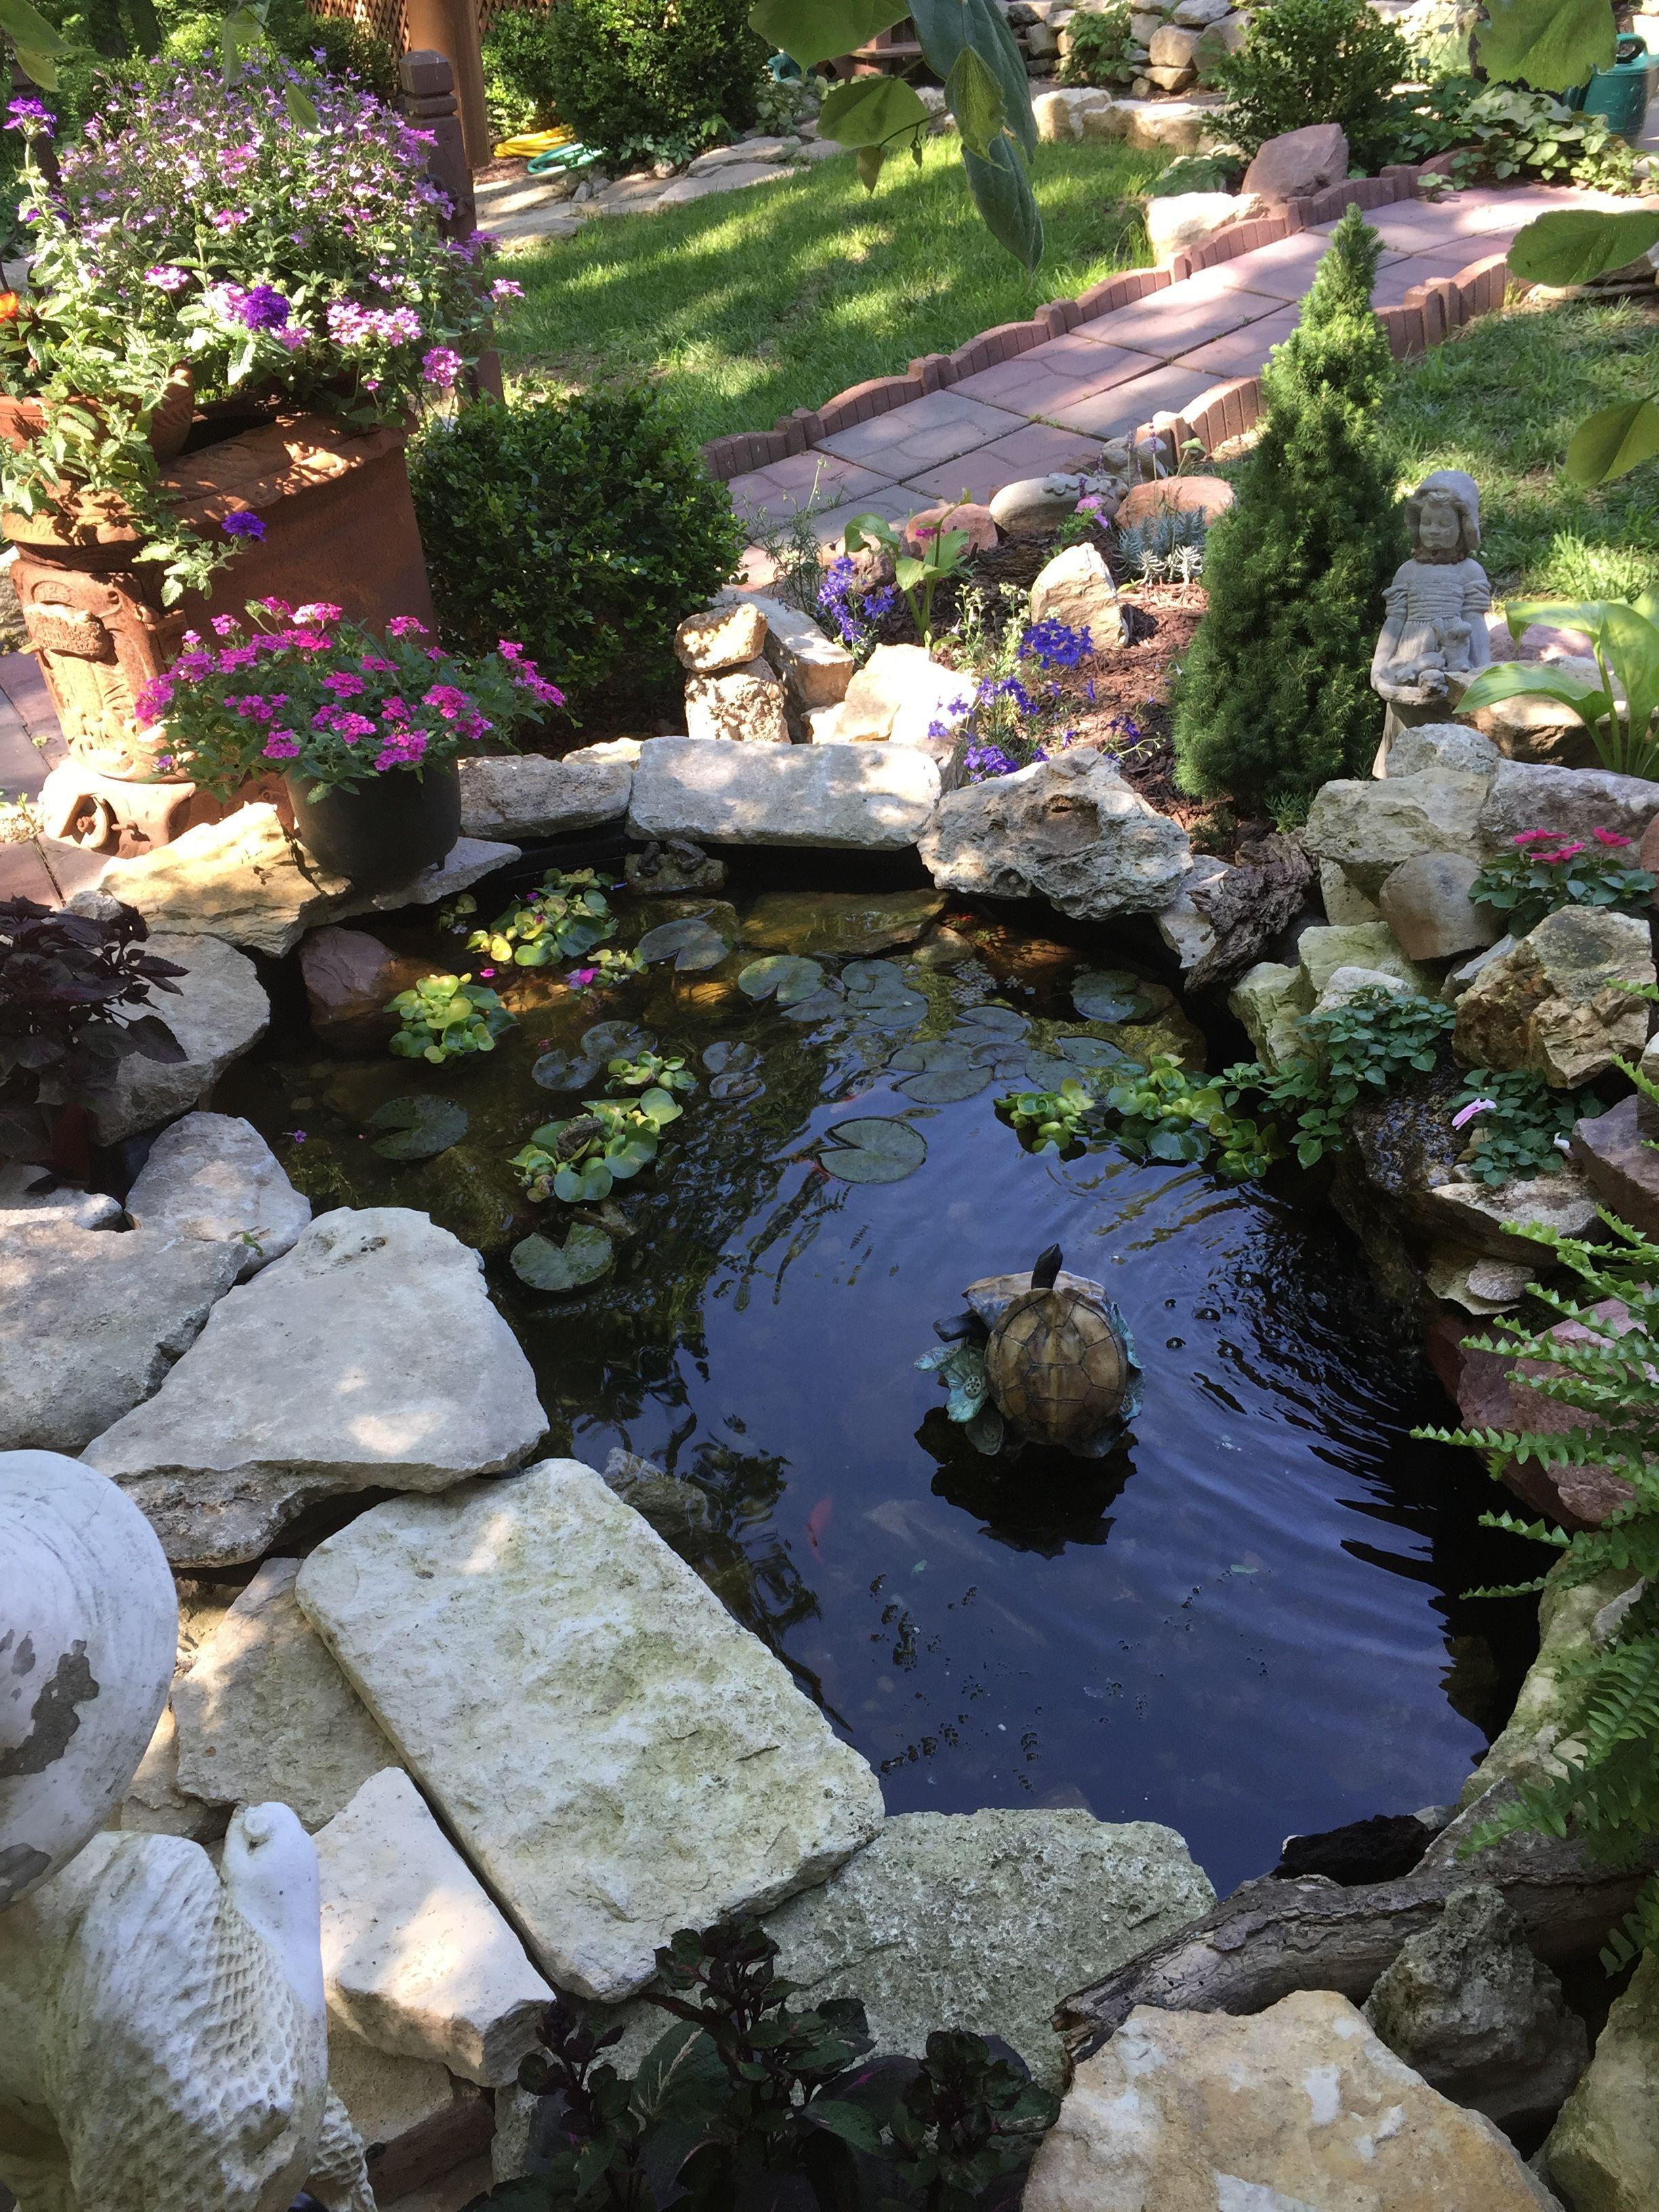 Faszinierend Ideen Für Kleinen Gartenteich Das Beste Von Garten, Duschen, Wasser, Wohnen, Gartenteiche, Gartenkunst, Schildkrötenteich,